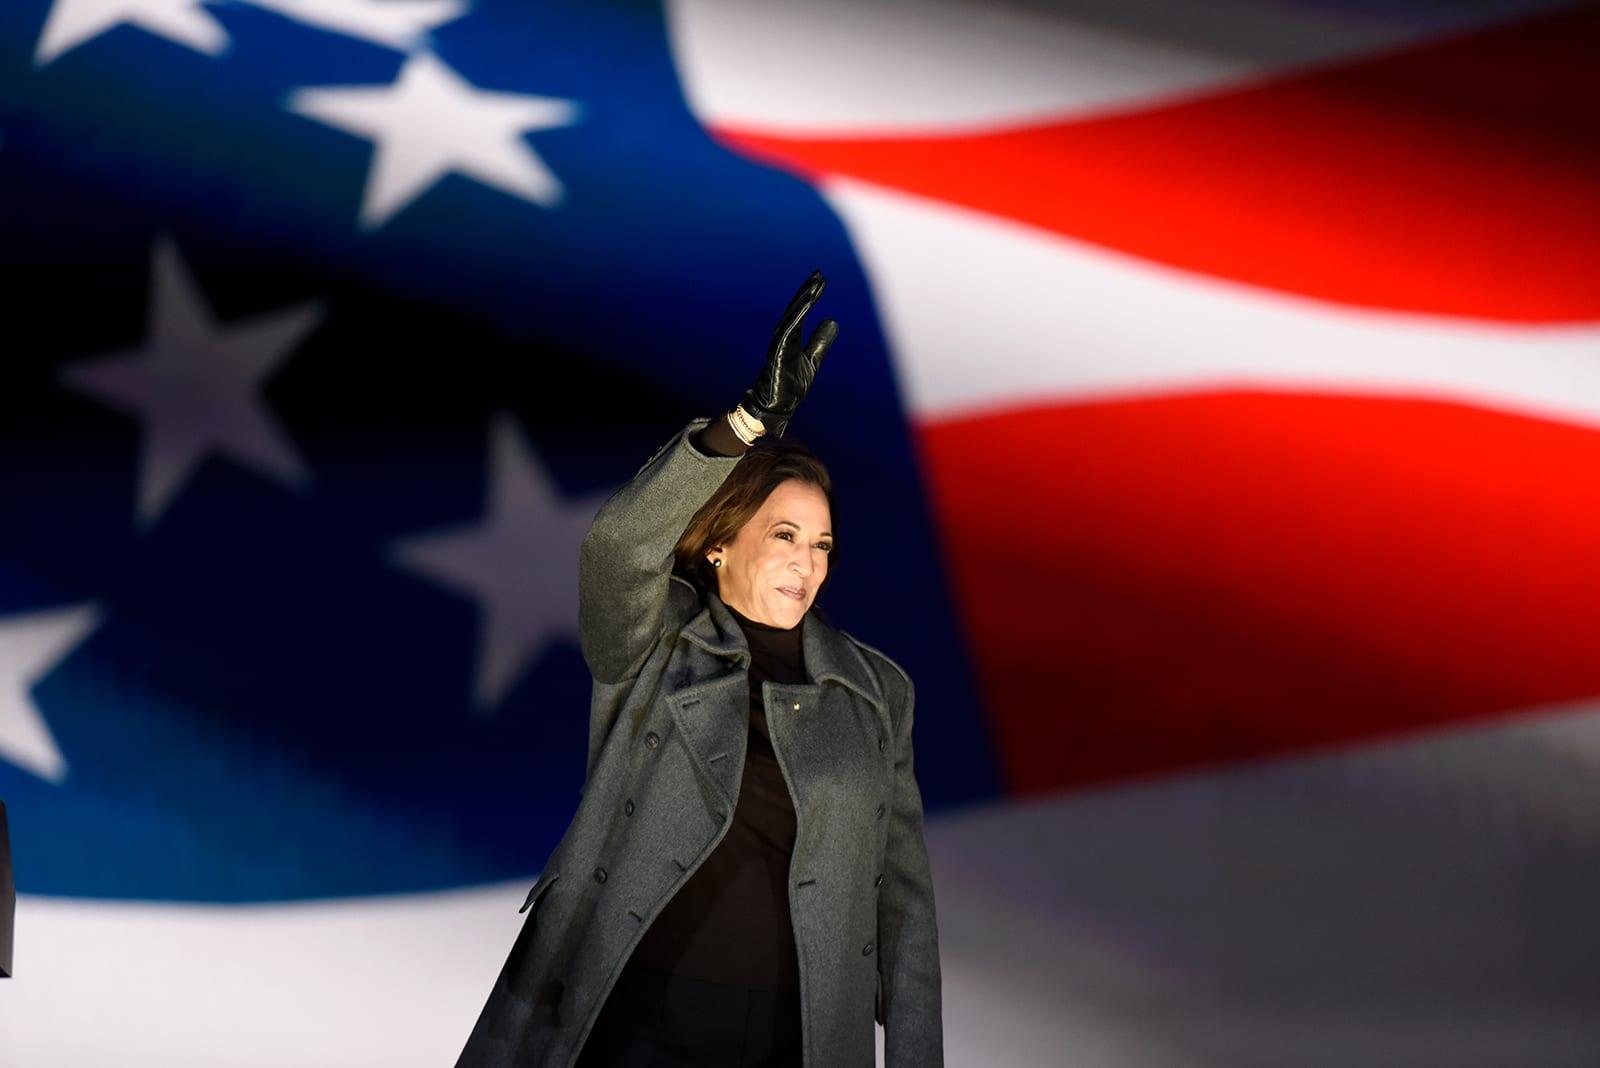 أقوى الشخصيات النسائية السياسية في أمريكا تختار أزياءه..ما سر هذا المصمم؟